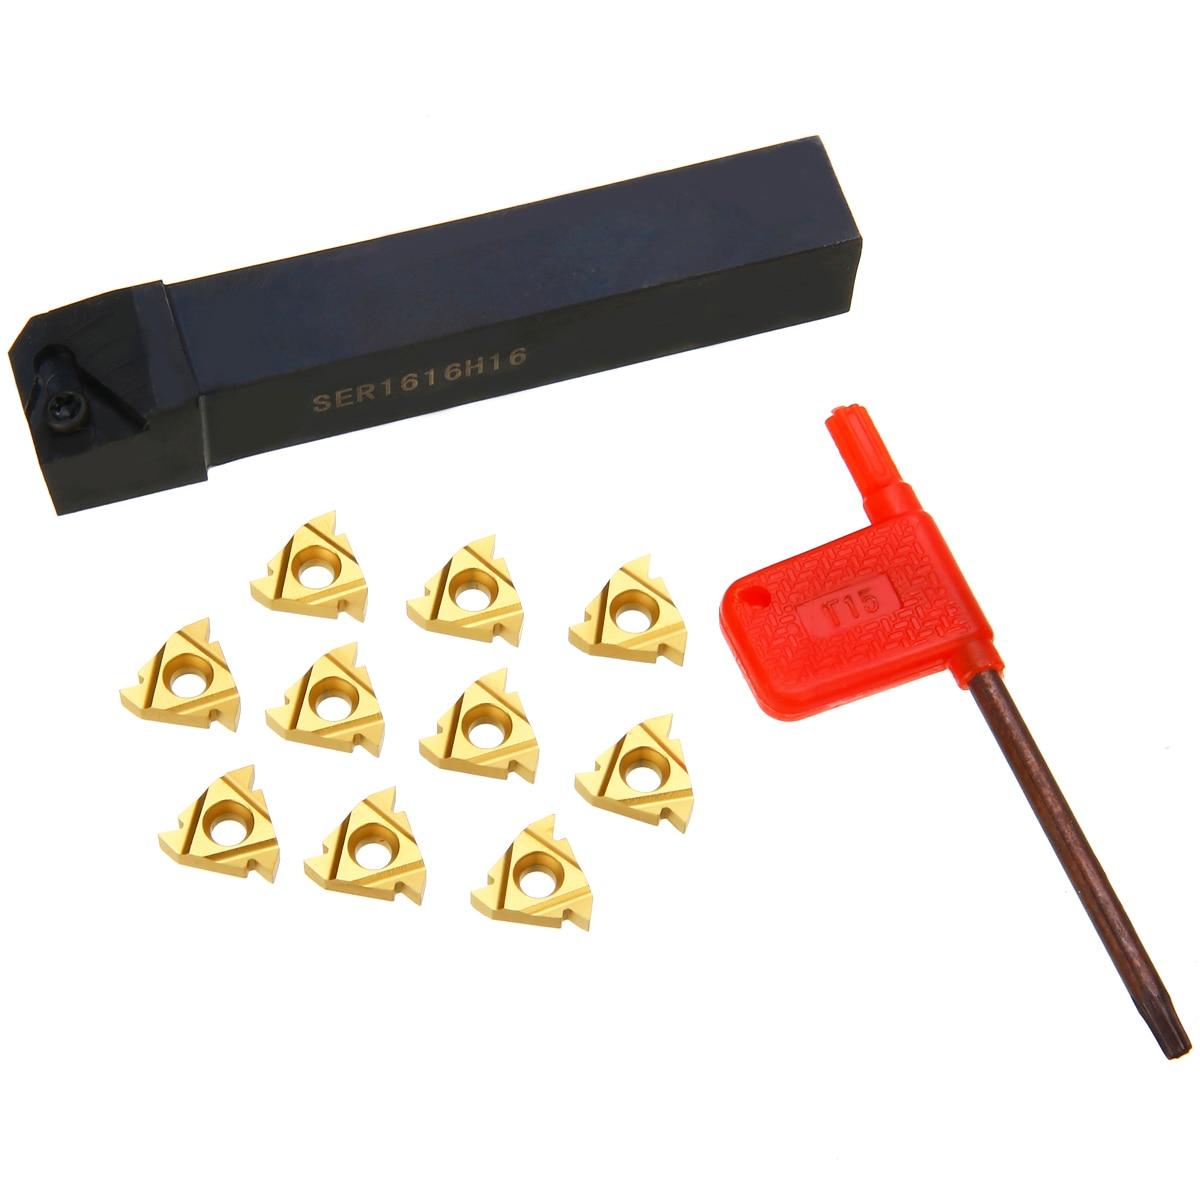 1 unid SER1616H16 Portaherramientas + 10 piezas 16ER AG60 Carburo Inserto interno + Llave para herramienta de roscado de torneado